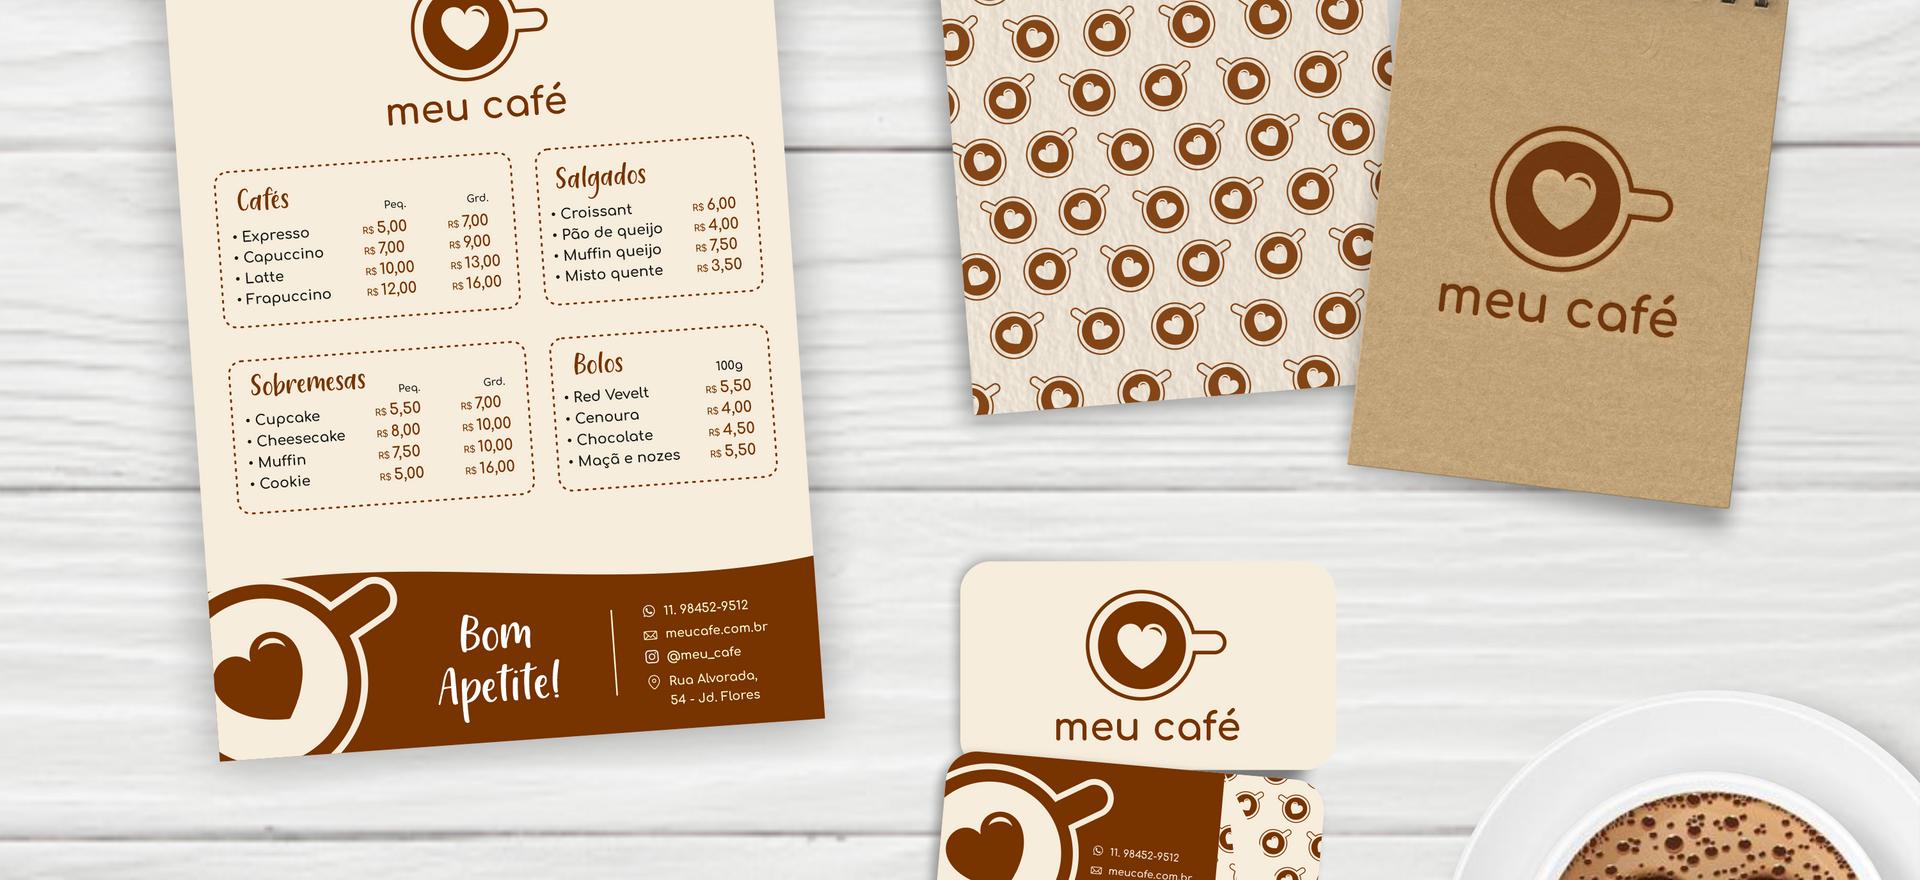 Kit cafeteria Meu Café